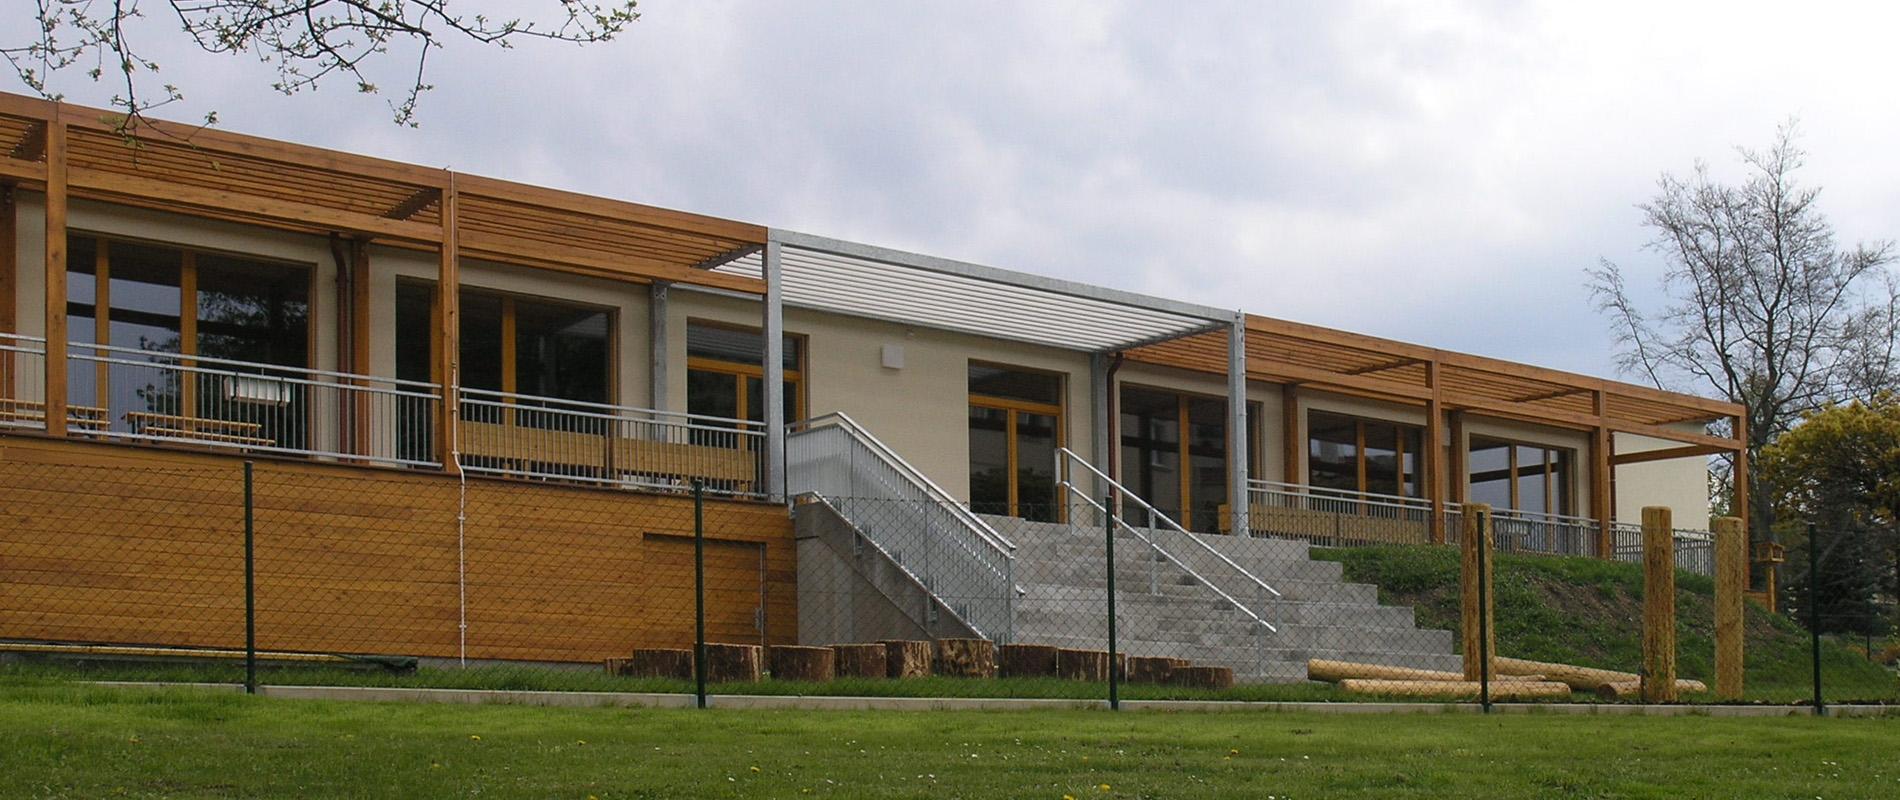 Mateřská škola Moravské Budějovice